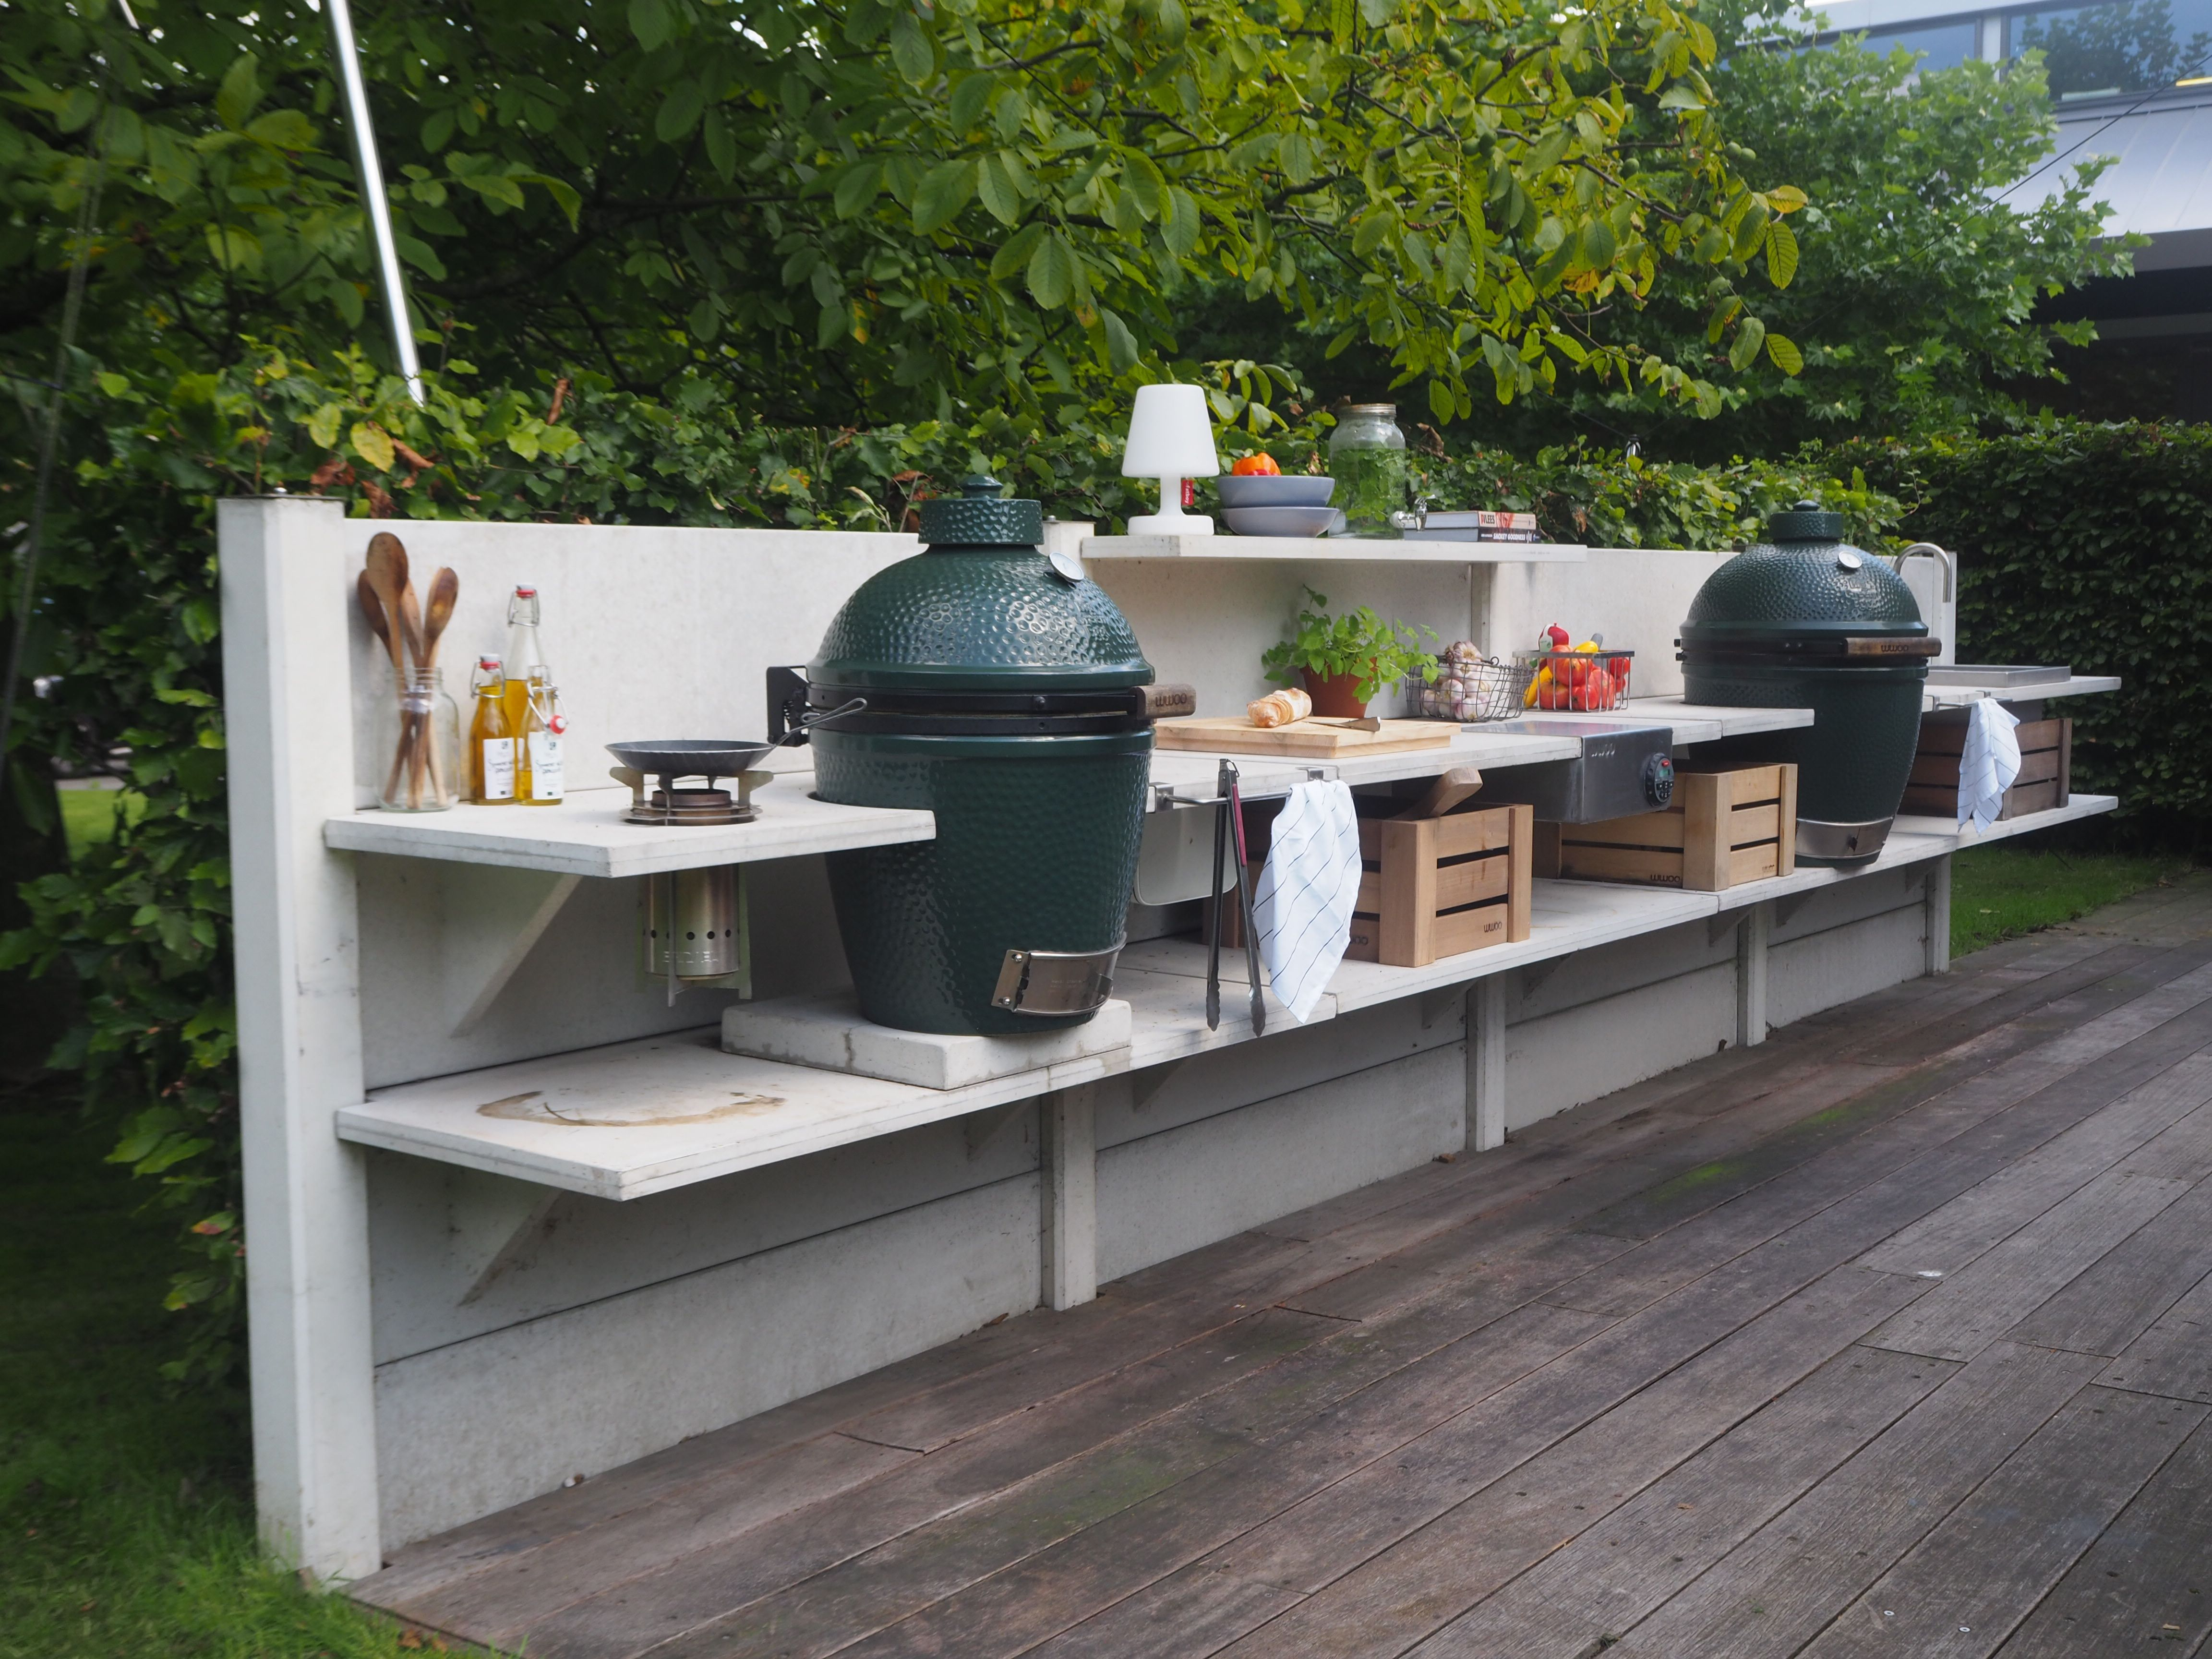 Küche dekorieren ideen von joanna gewinnt  trends outdoor kitchen ideas for  new  kitchen outdoor